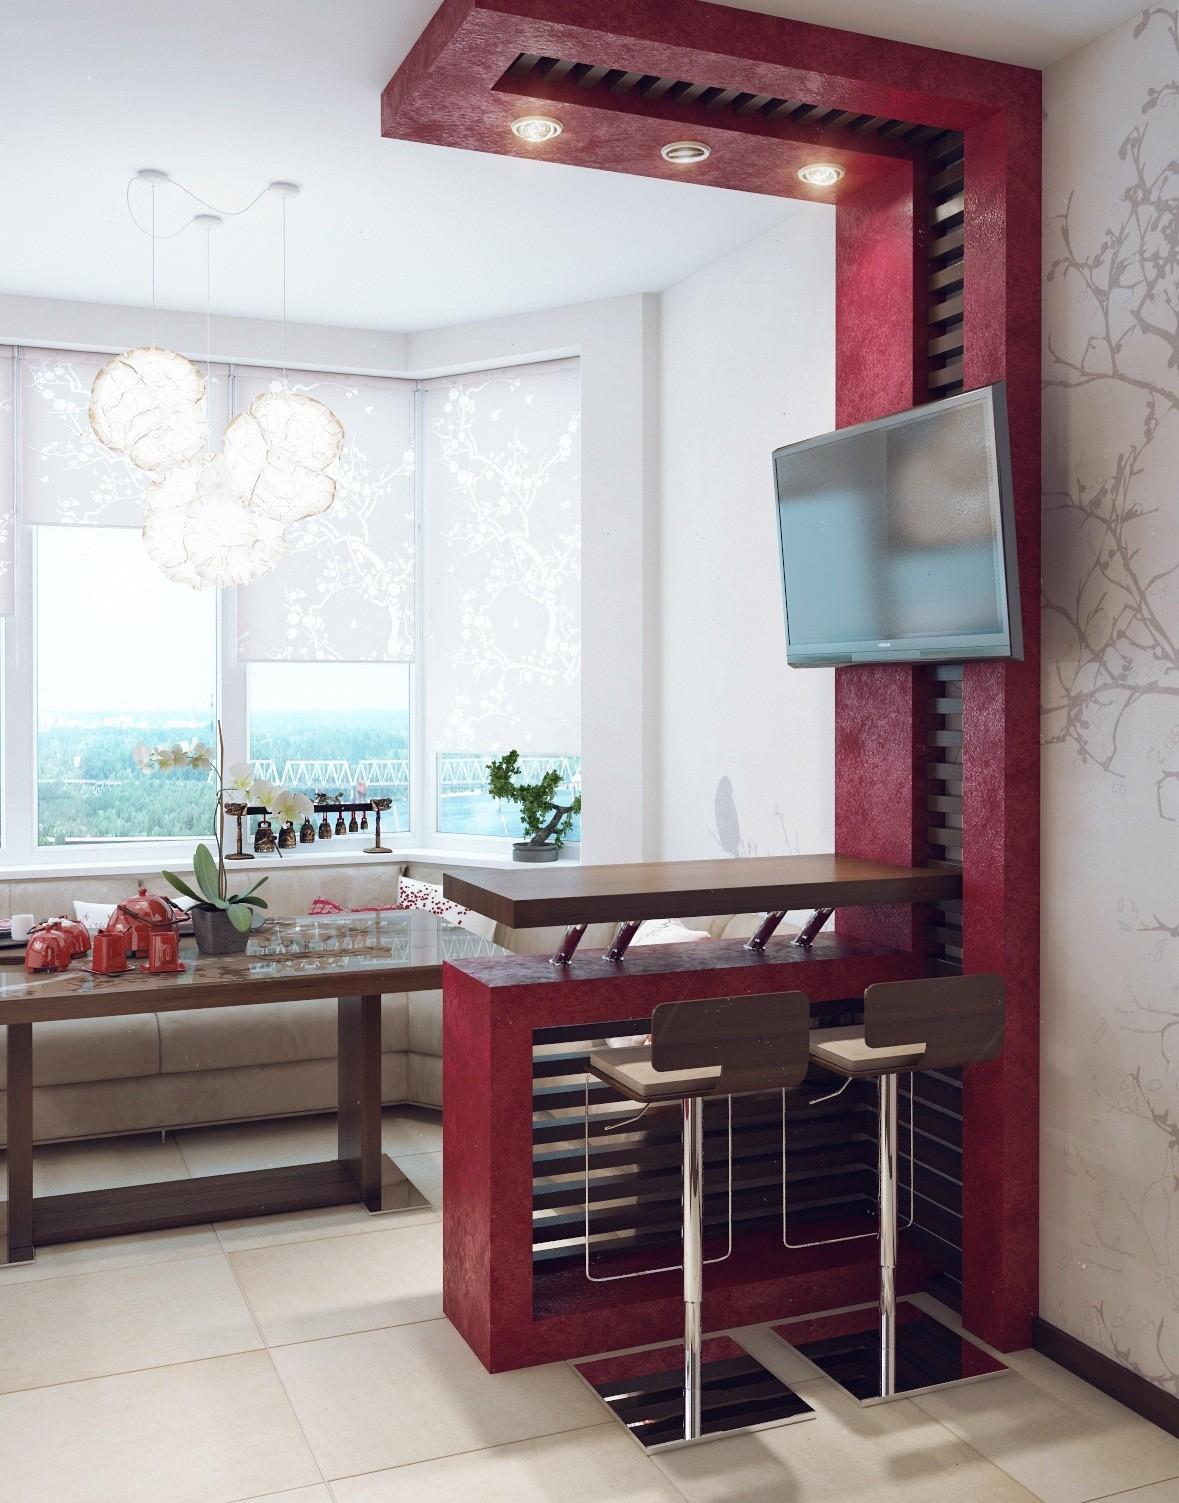 система балансировки кухня с выбитым балконом фото мастер-классе показана